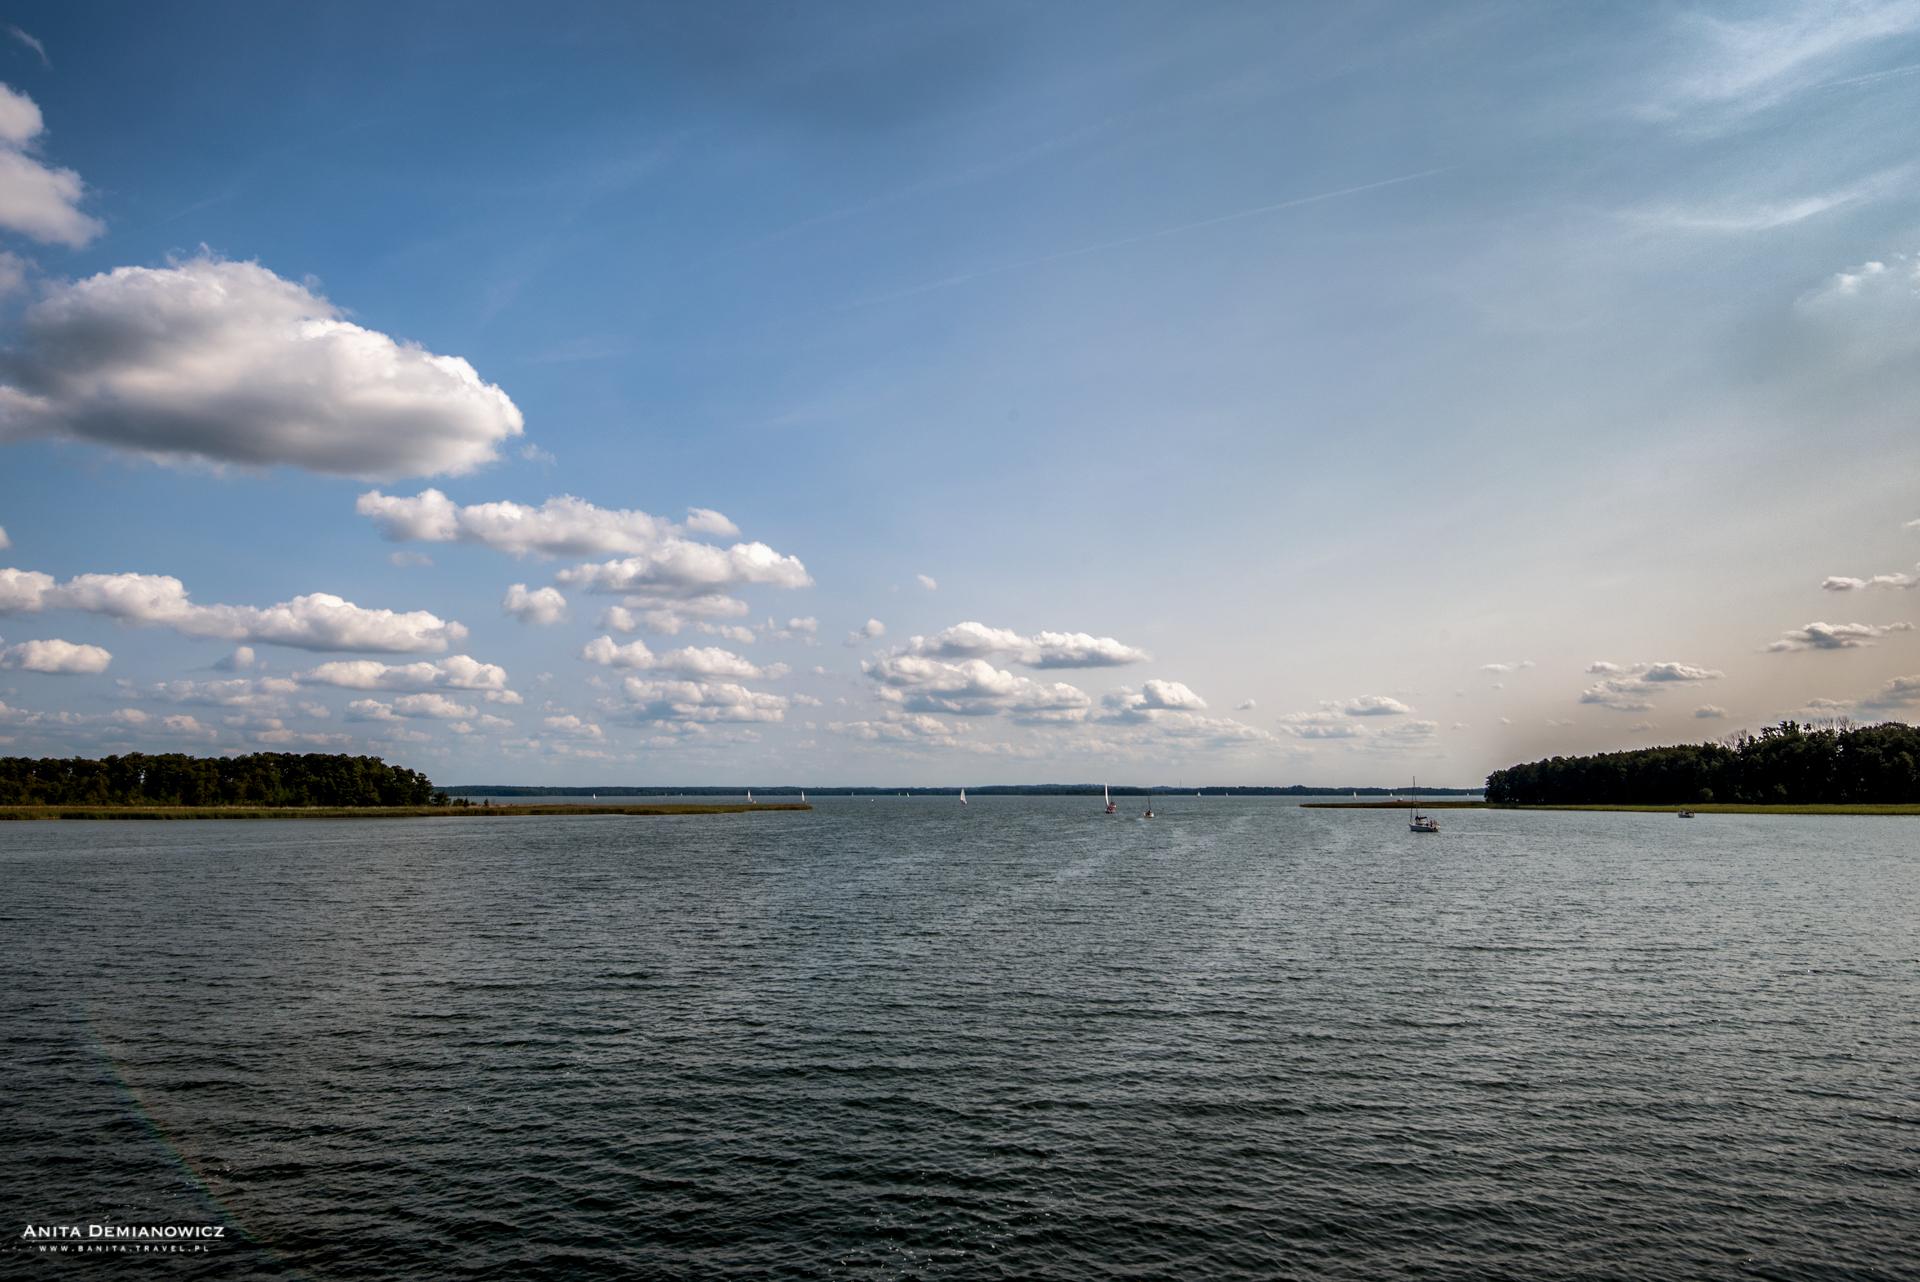 Jezioro mazurskie, Mazury